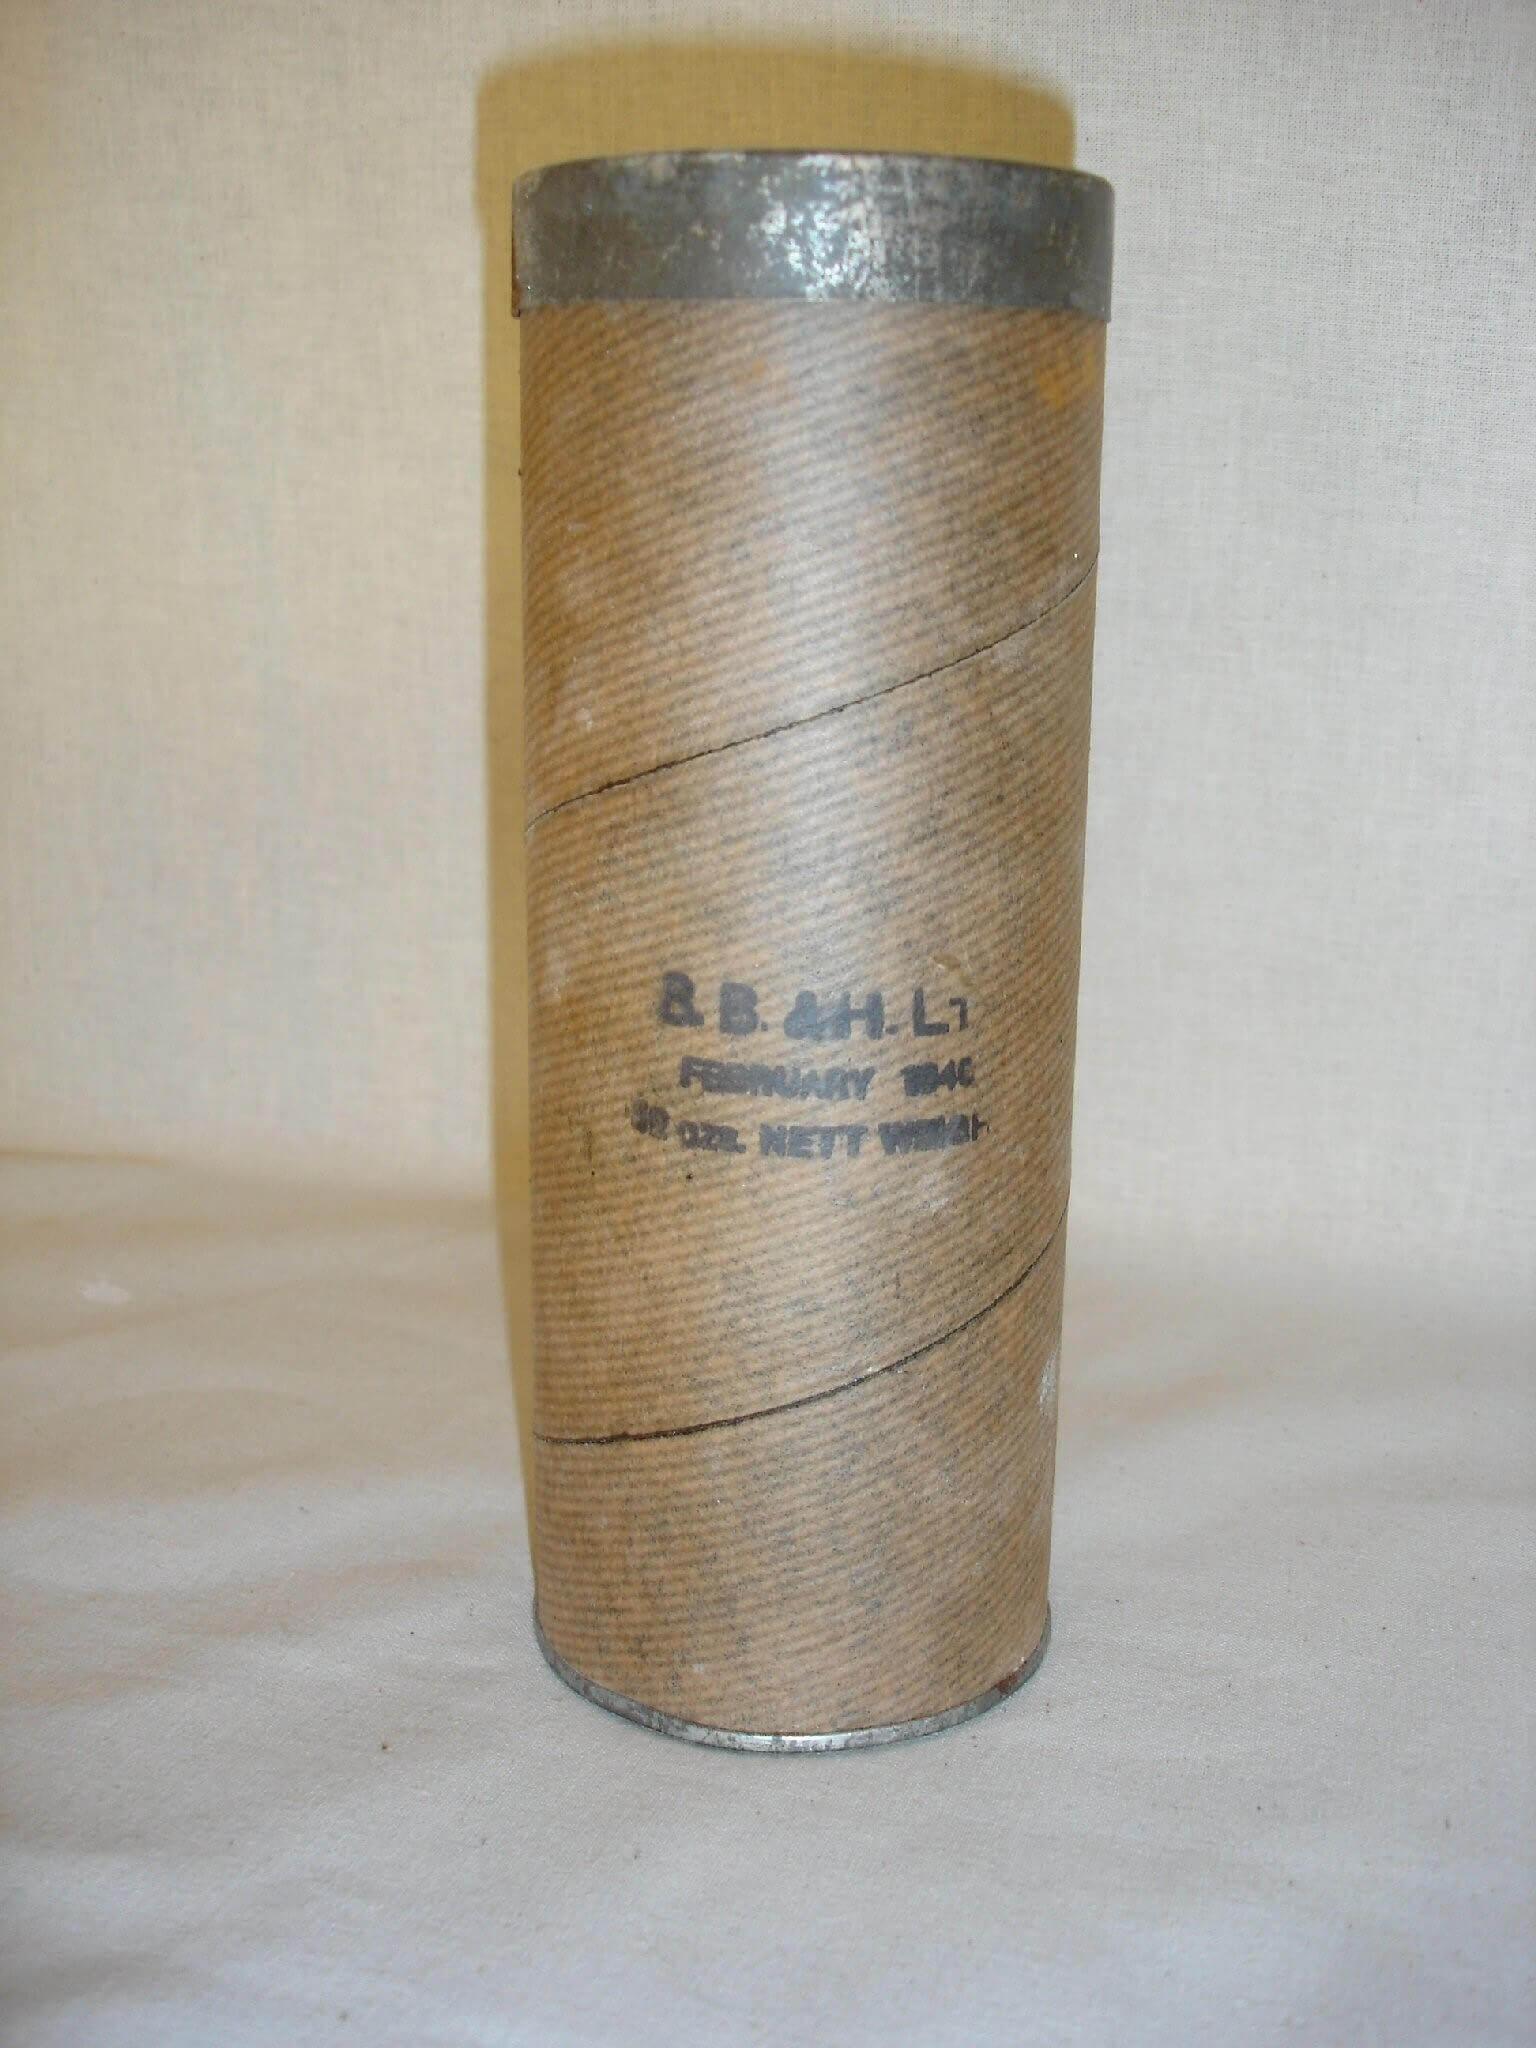 Footpowder uit de tweede wereldoorlog